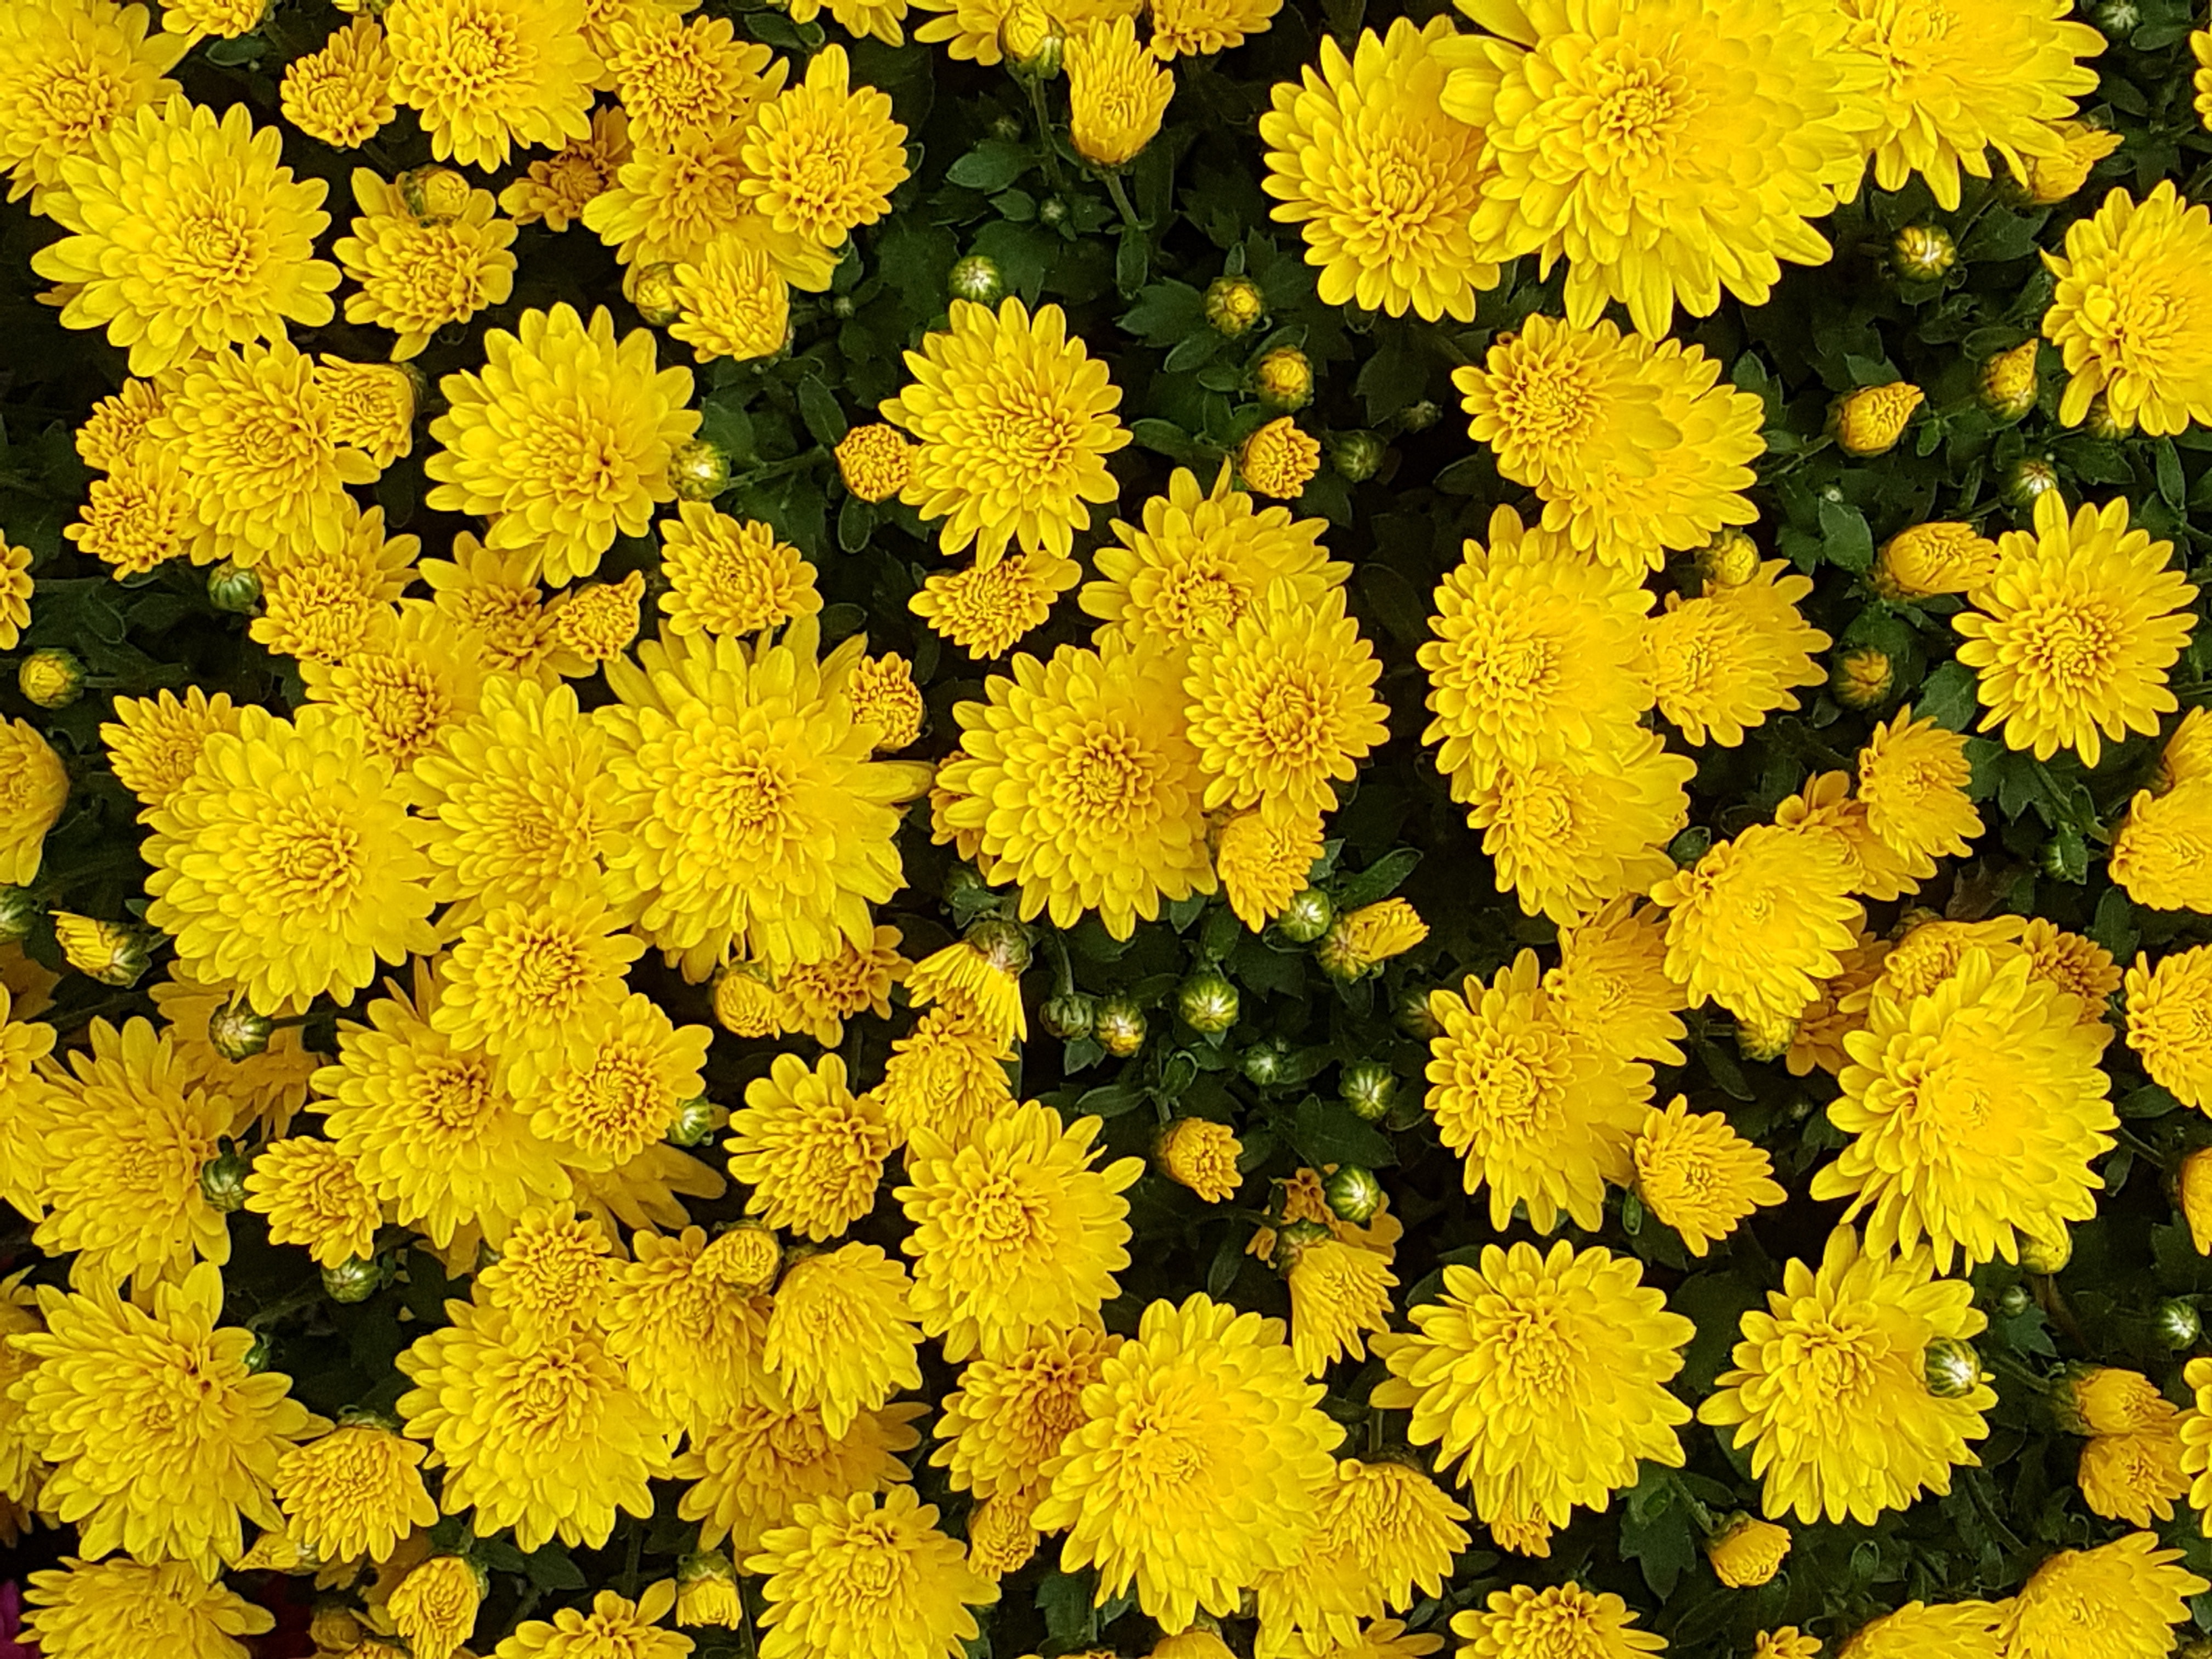 Unduh 600 Koleksi Background Kuning Gambar Gratis Terbaru